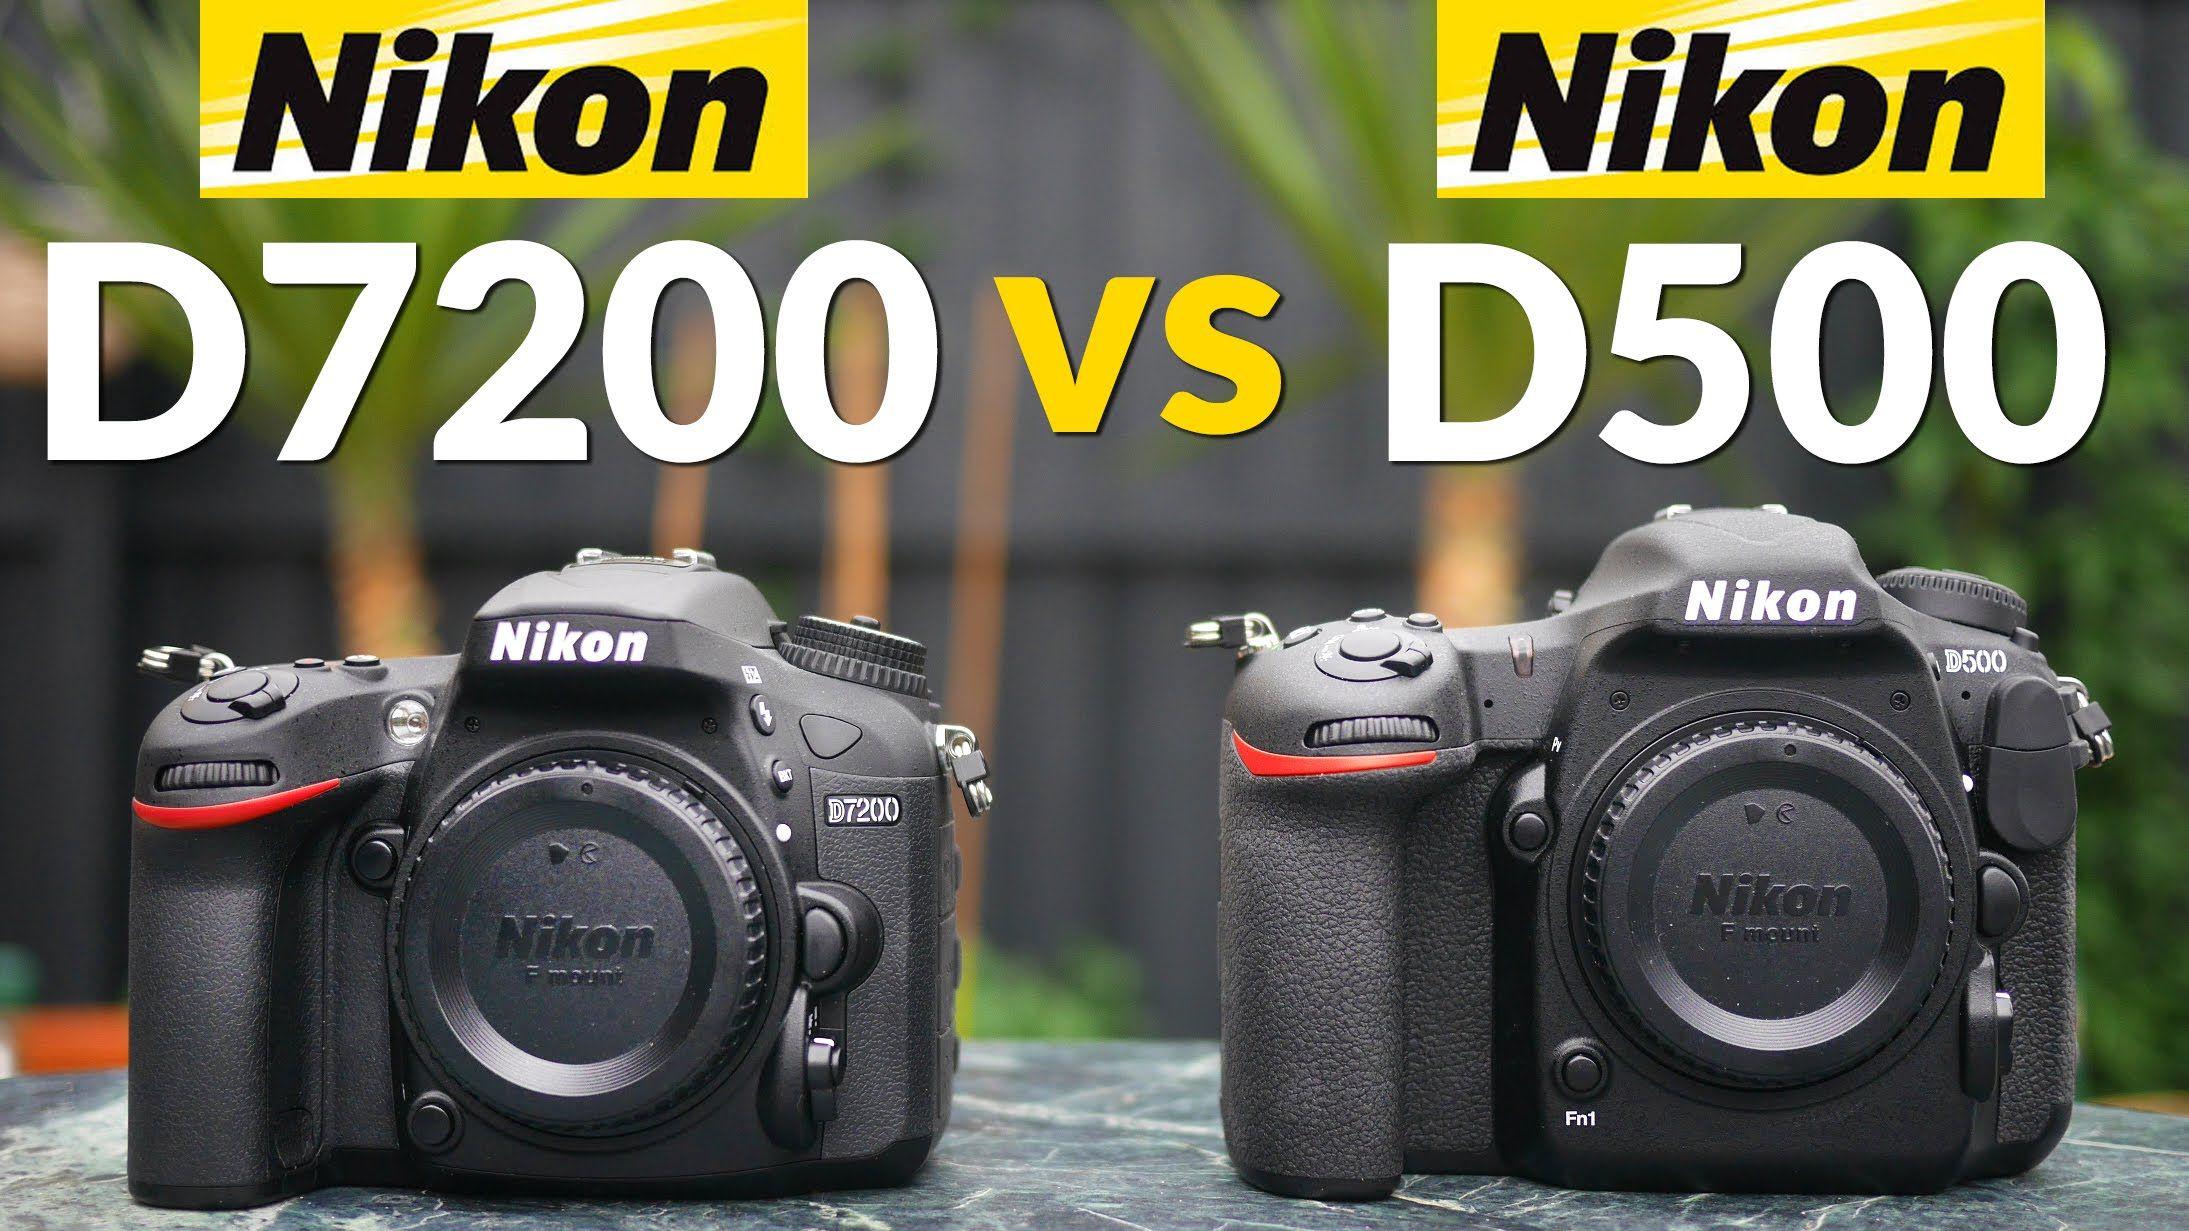 Decent Nikon Vs Head To Head Comparison Nikon Vs Head To Head Comparison Photography Canon T6i Or Nikon D5500 Canon T6 Vs Nikon D5300 dpreview Canon T6i Vs Nikon D5500